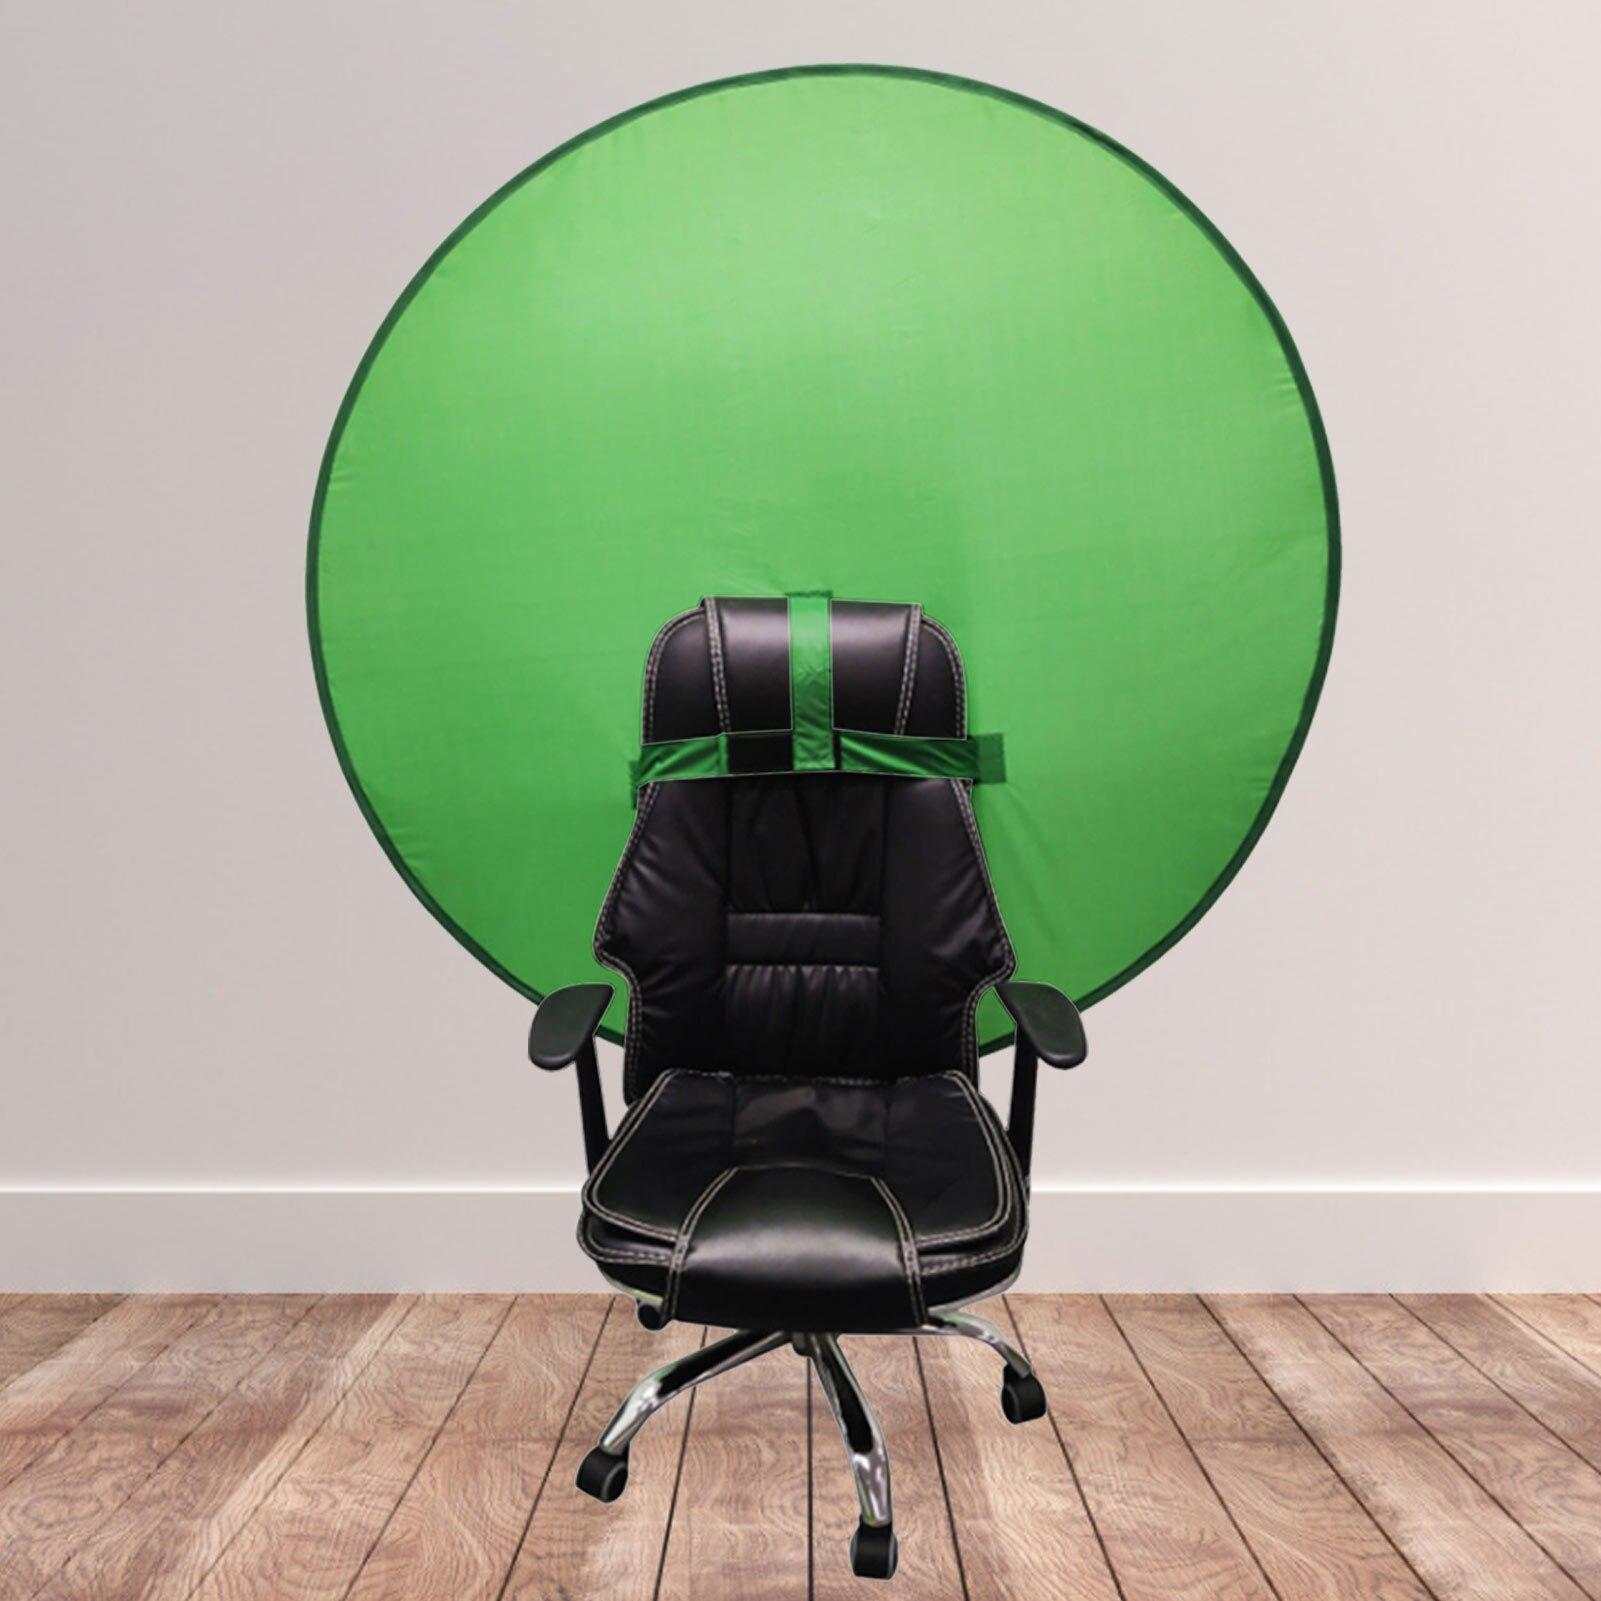 Фон для фотосъемки с зеленым экраном 142 см, портативный однотонный фон зеленого цвета, ткань для фотостудии